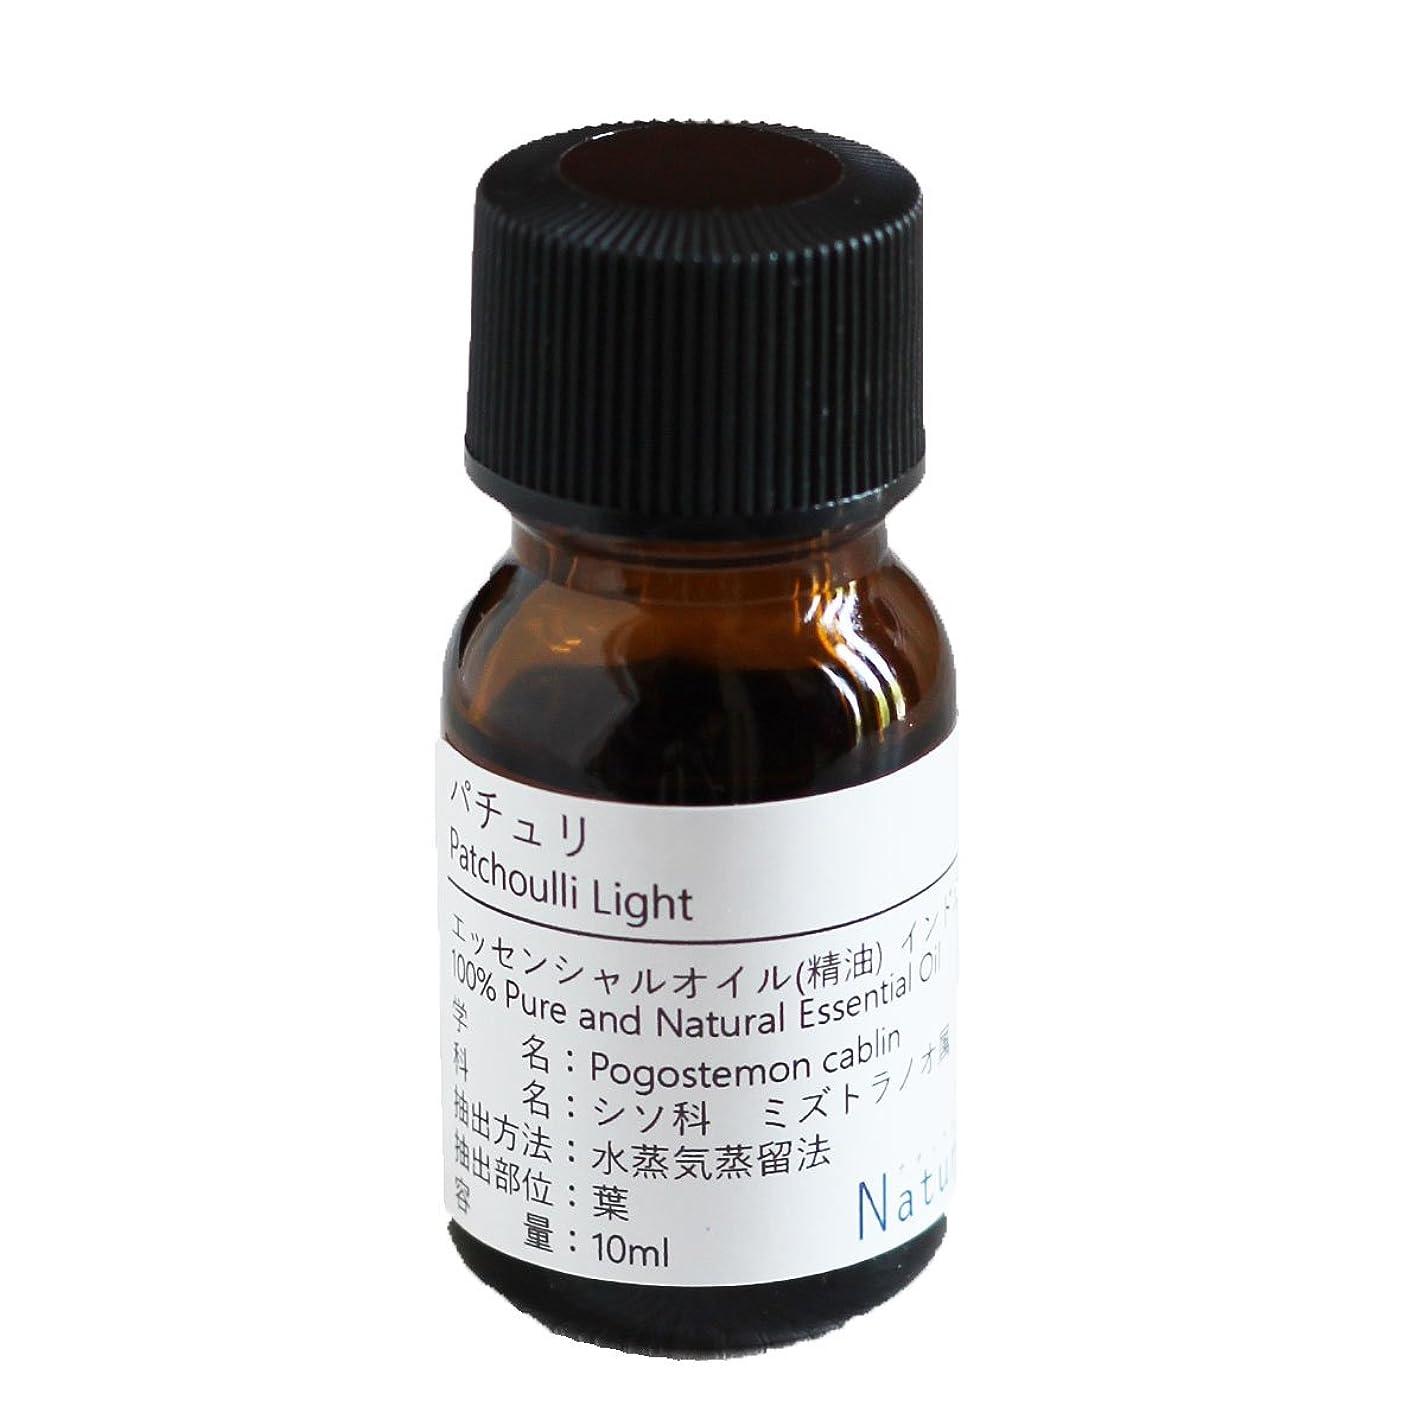 ラッシュプレビスサイトジョセフバンクスNatural蒼 パチュリ/エッセンシャルオイル 精油天然100% (30ml)